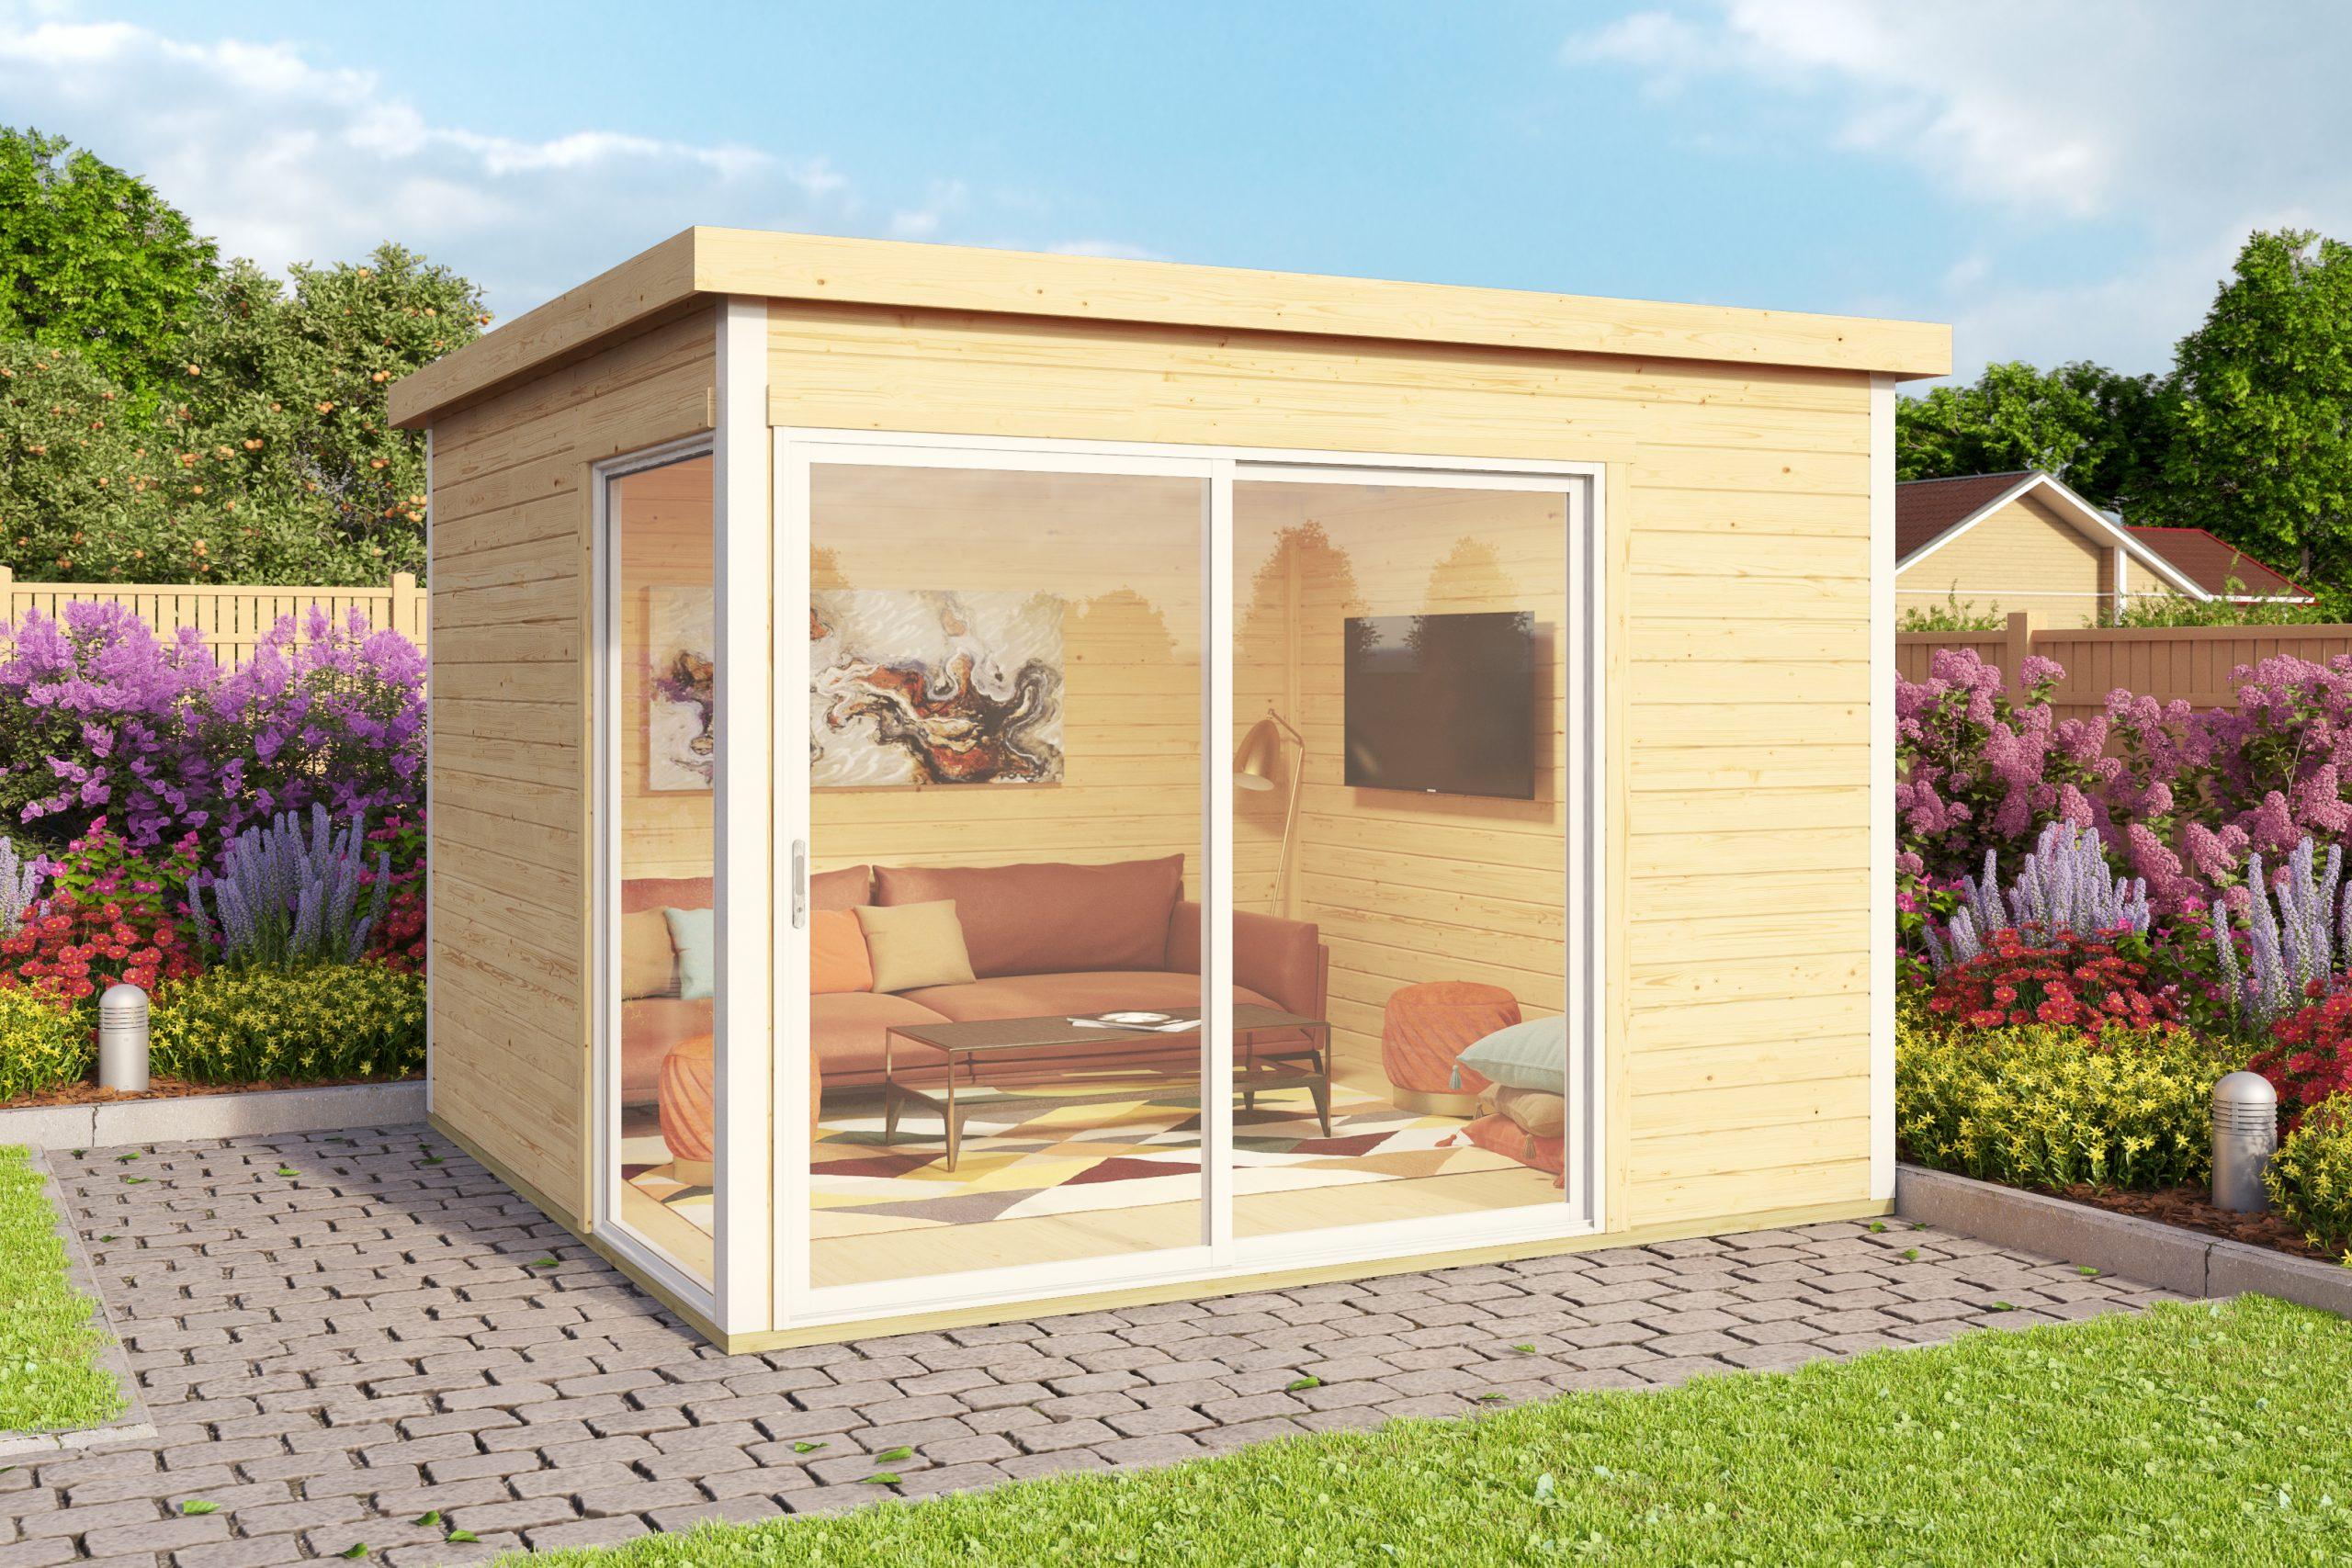 France Abris : Cabane de jardin, poolhouse, mini-studio… Trouvez l'abri qu'il vous faut pour votre jardin !